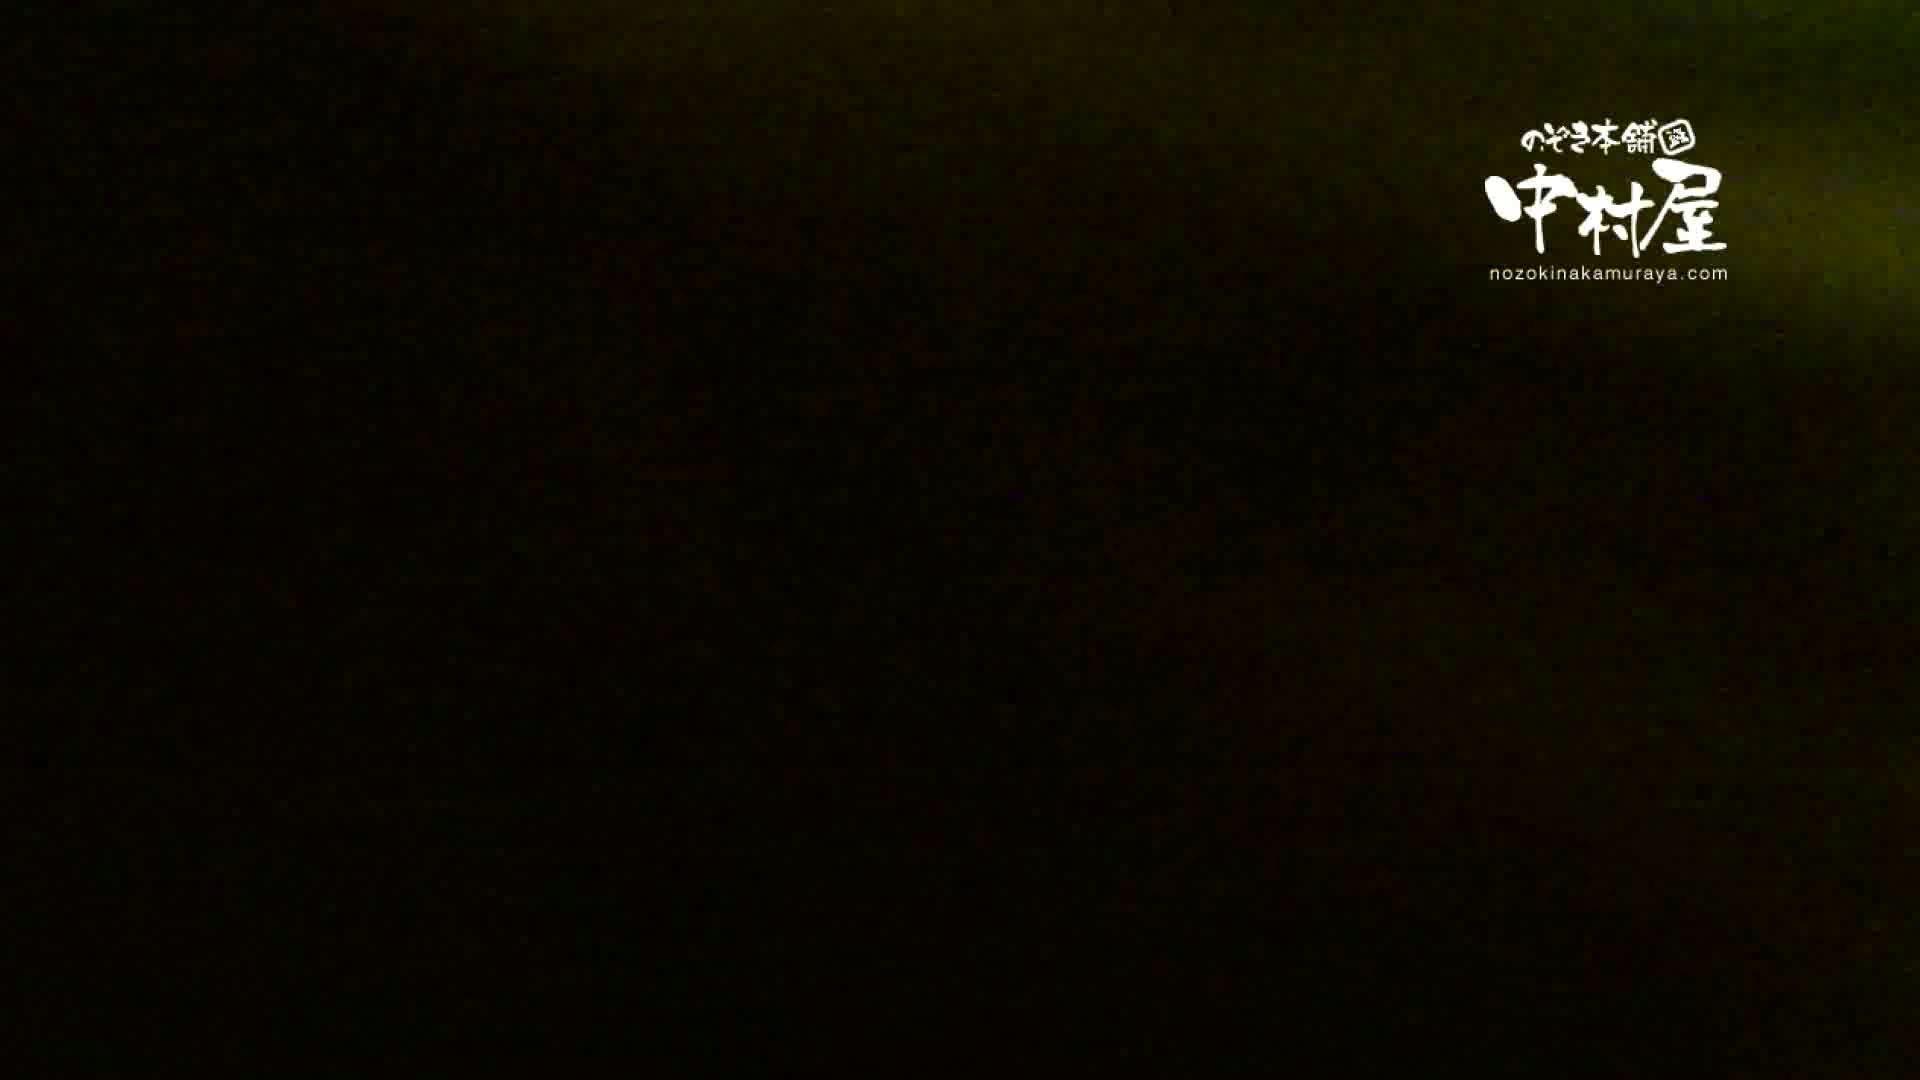 鬼畜 vol.17 中に出さないでください(アニメ声で懇願) 後編 OLセックス  83画像 2